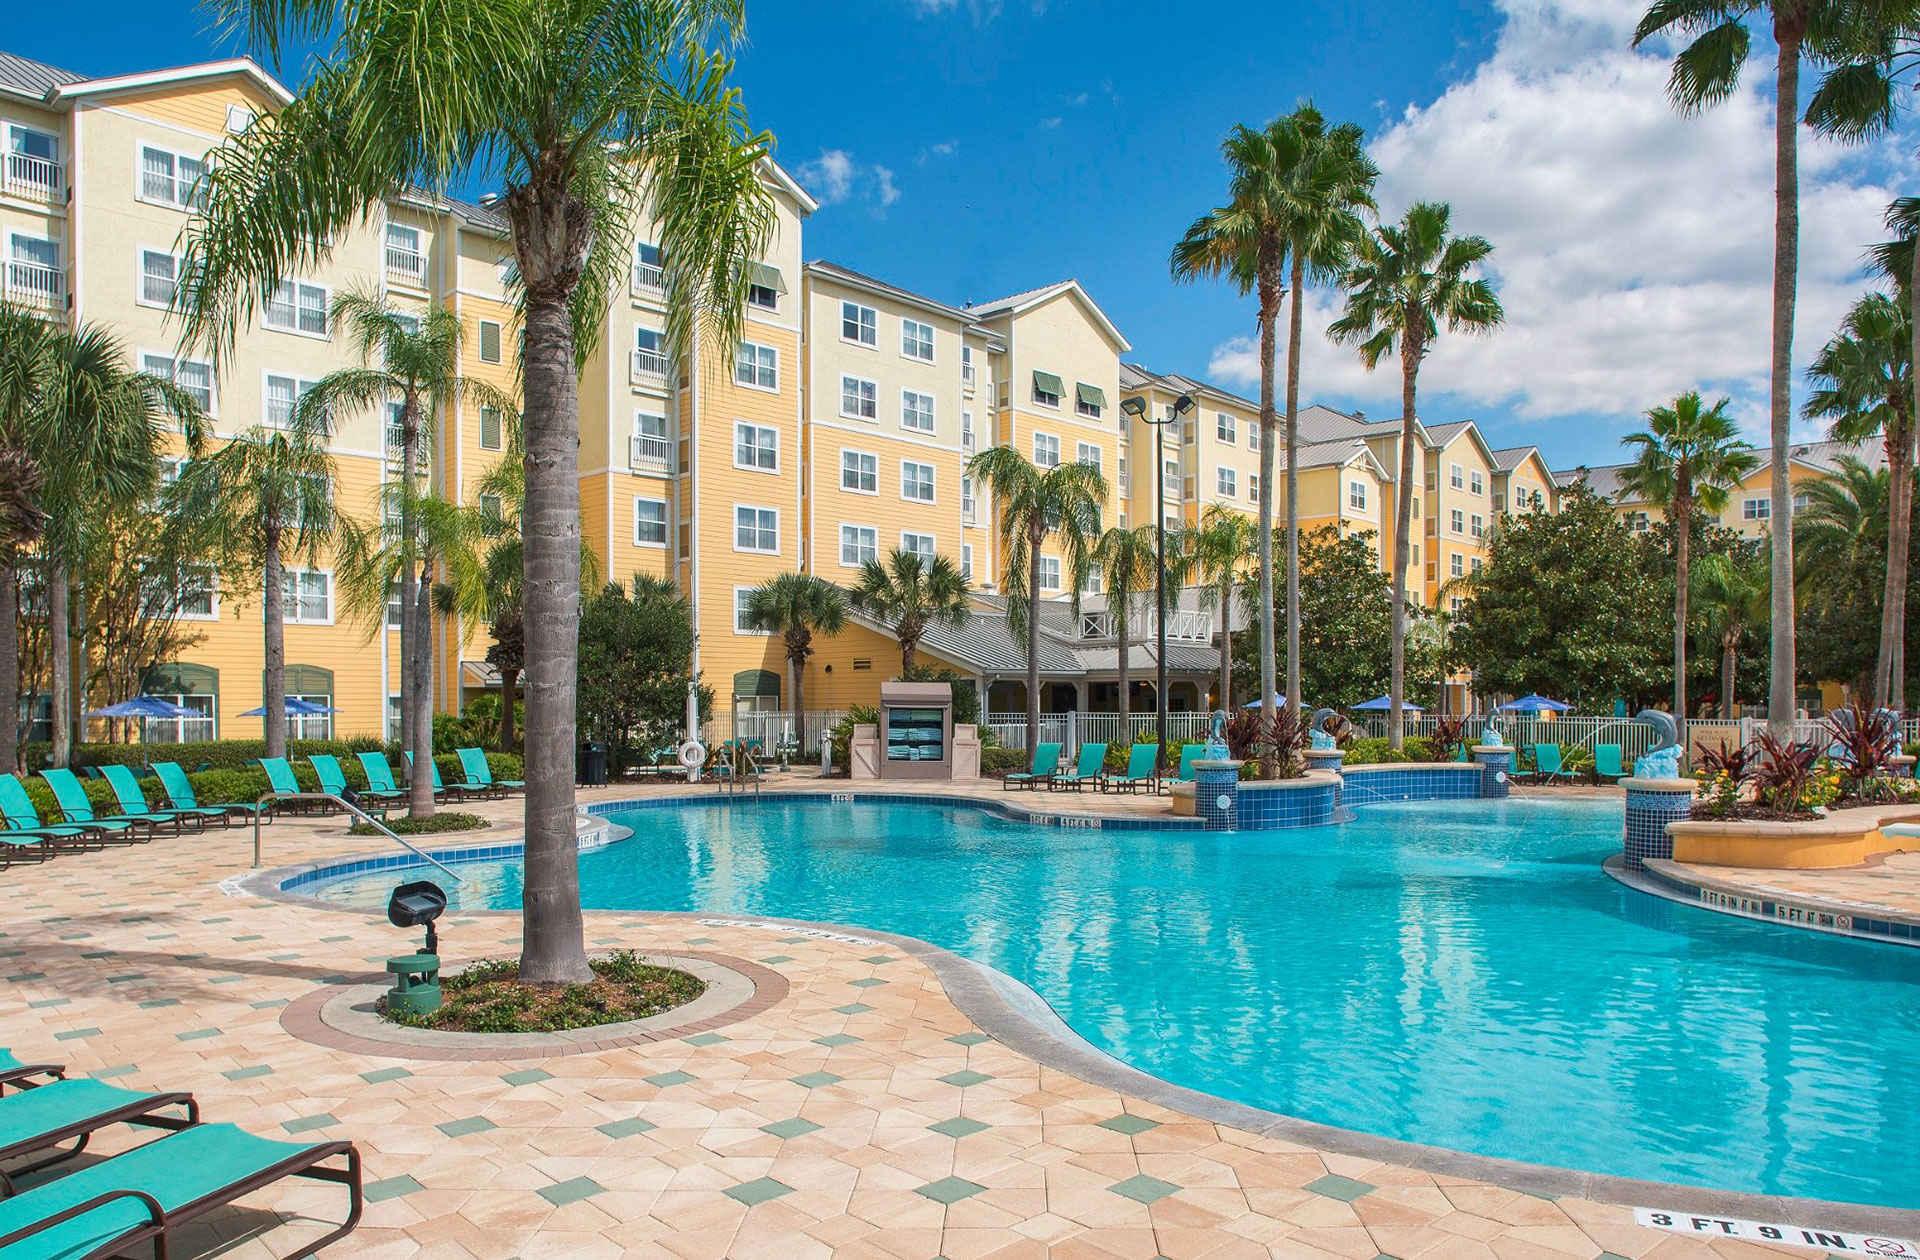 Residence Inn SeaWorld/International Center in Orlando